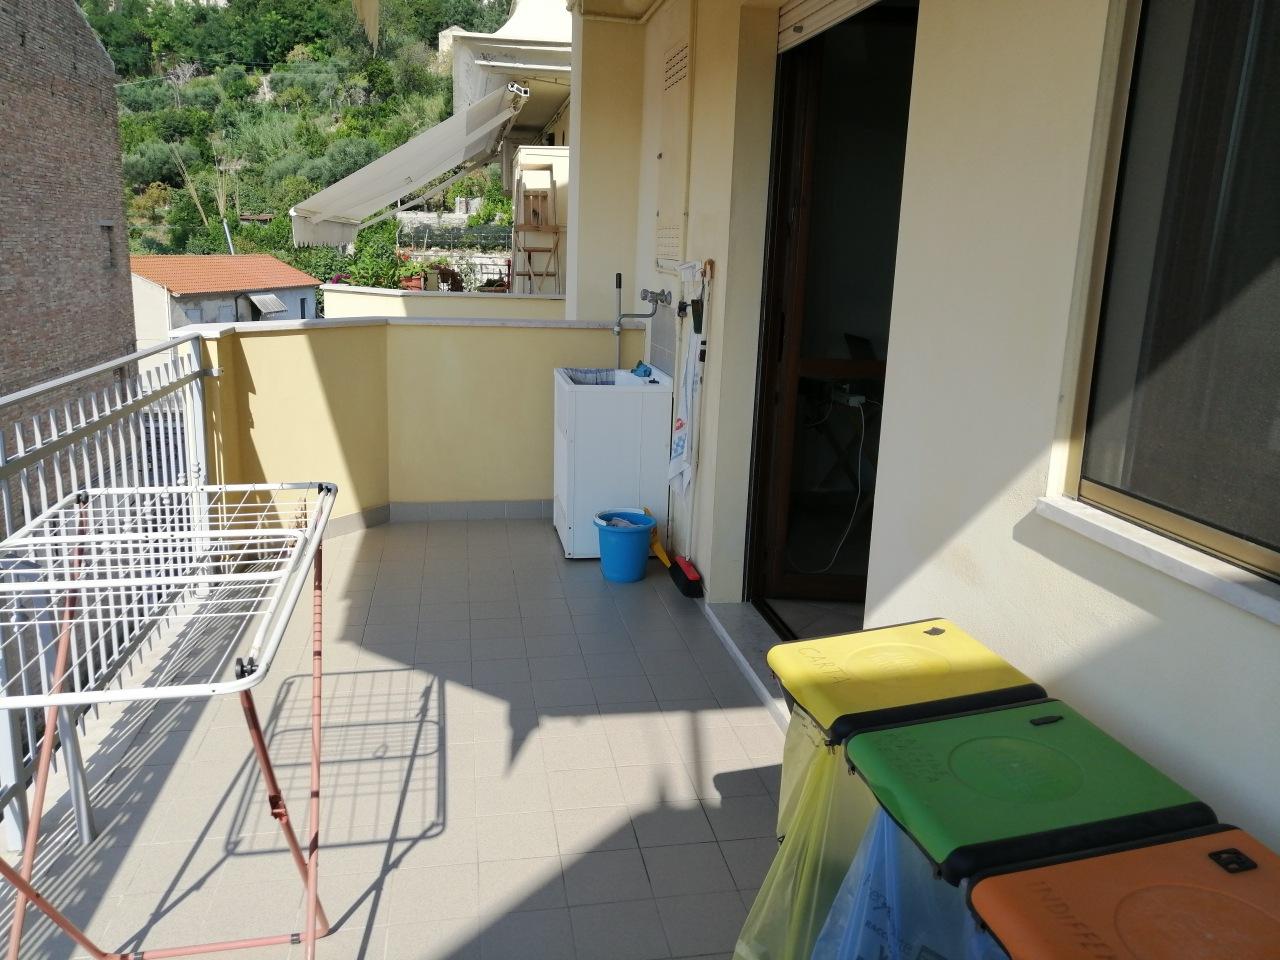 Appartamento - Quadrilocale a Zona Statale, Grottammare